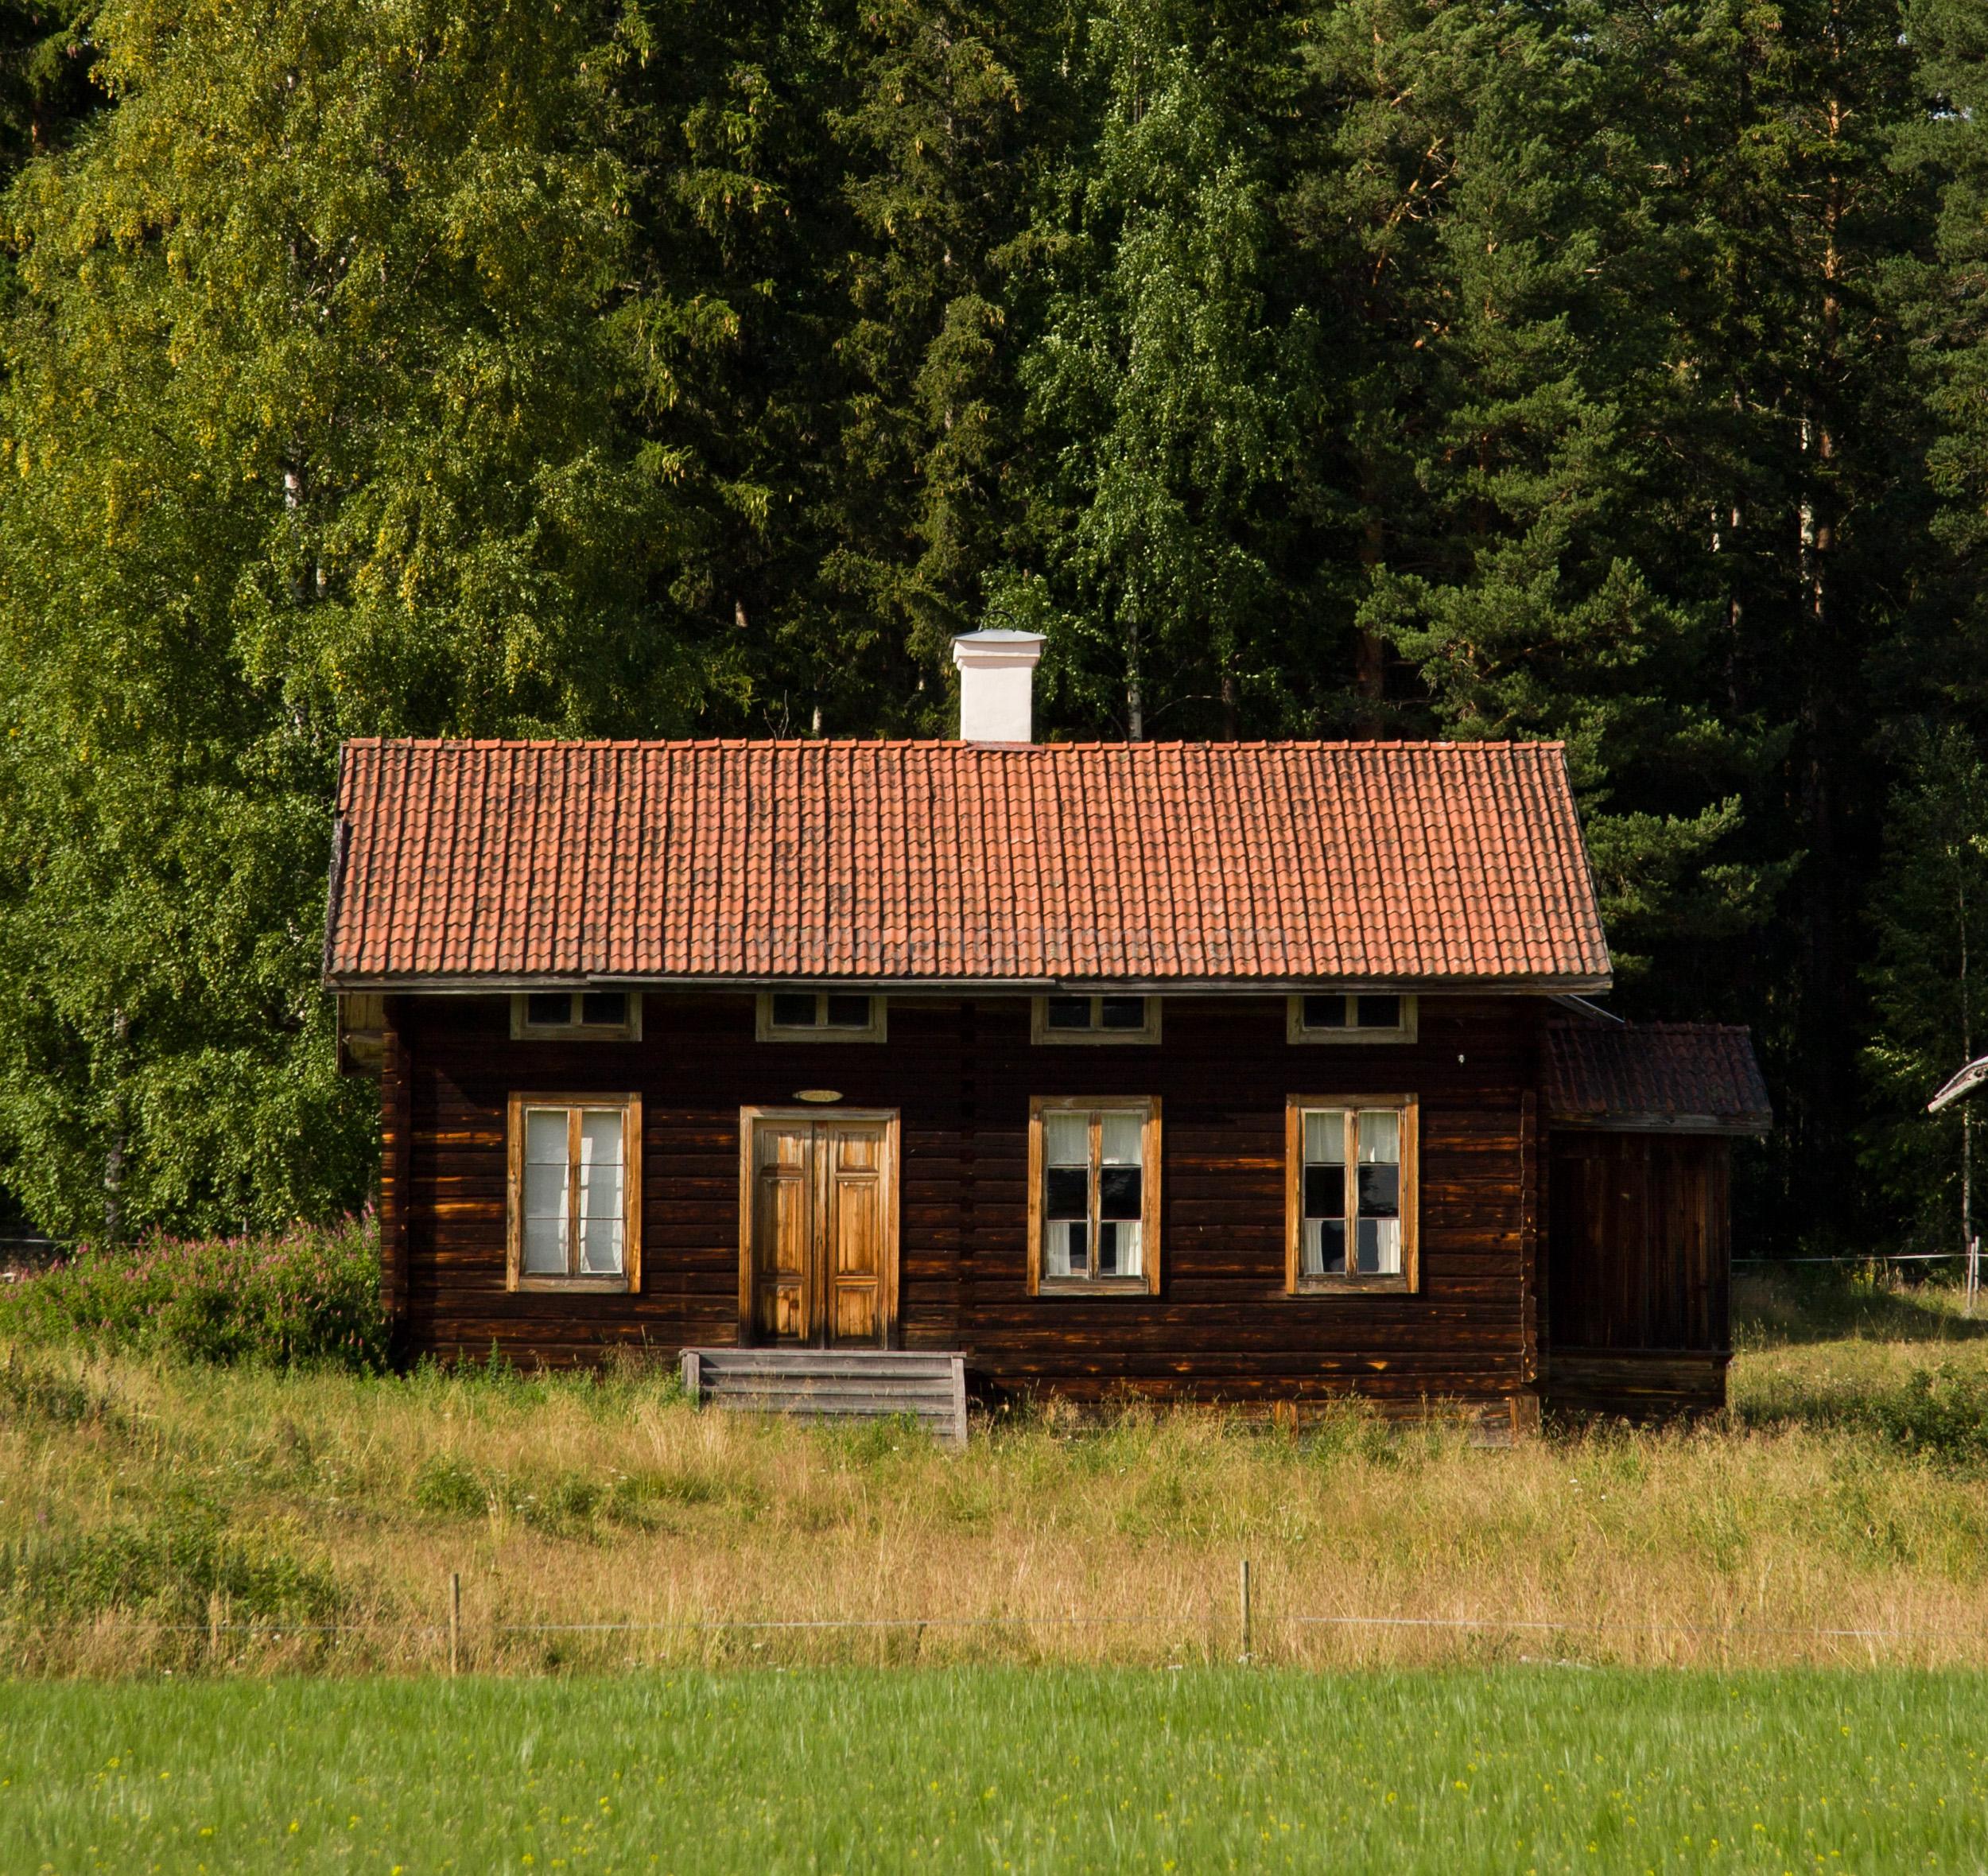 JE_11758, Vacker Hälsingegård i skogsbrynet, Jonas Engström